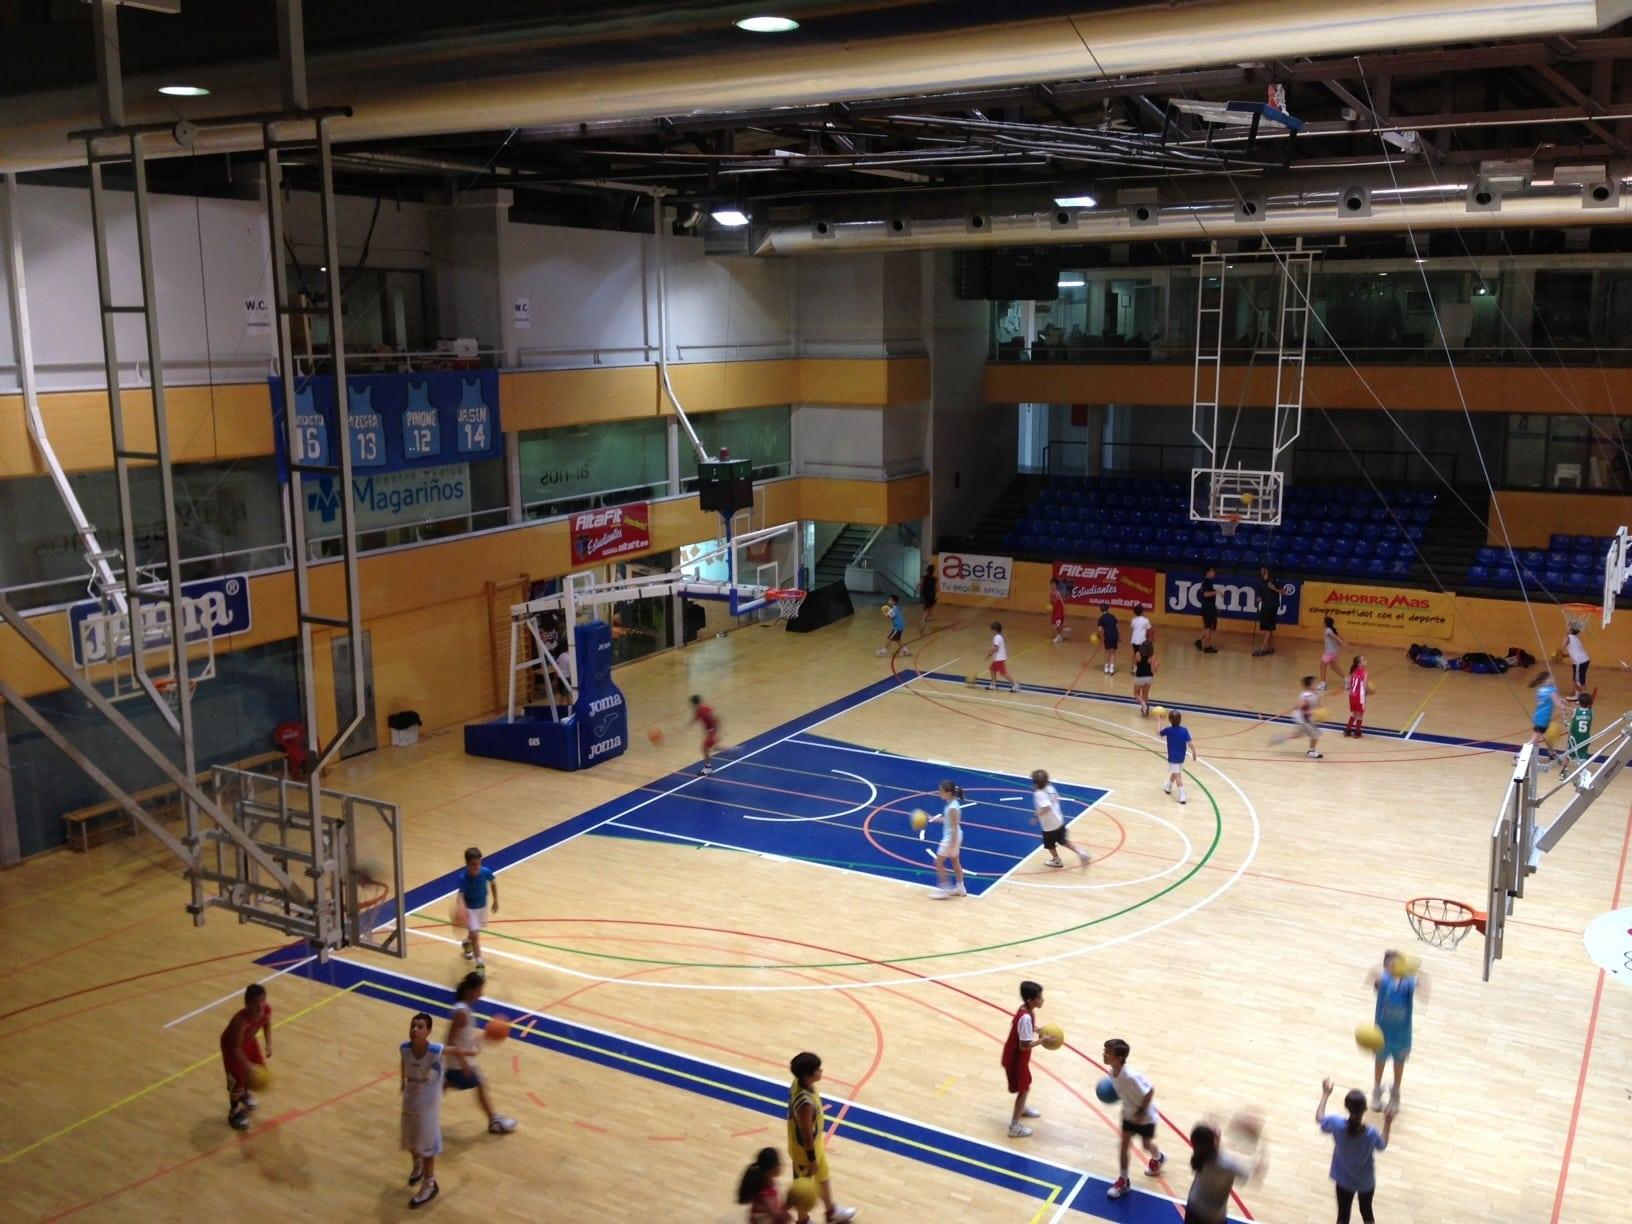 Hoy arrancó el primer turno de los cuatro Campus en Madrid: XIII Las Estrellas del Deporte